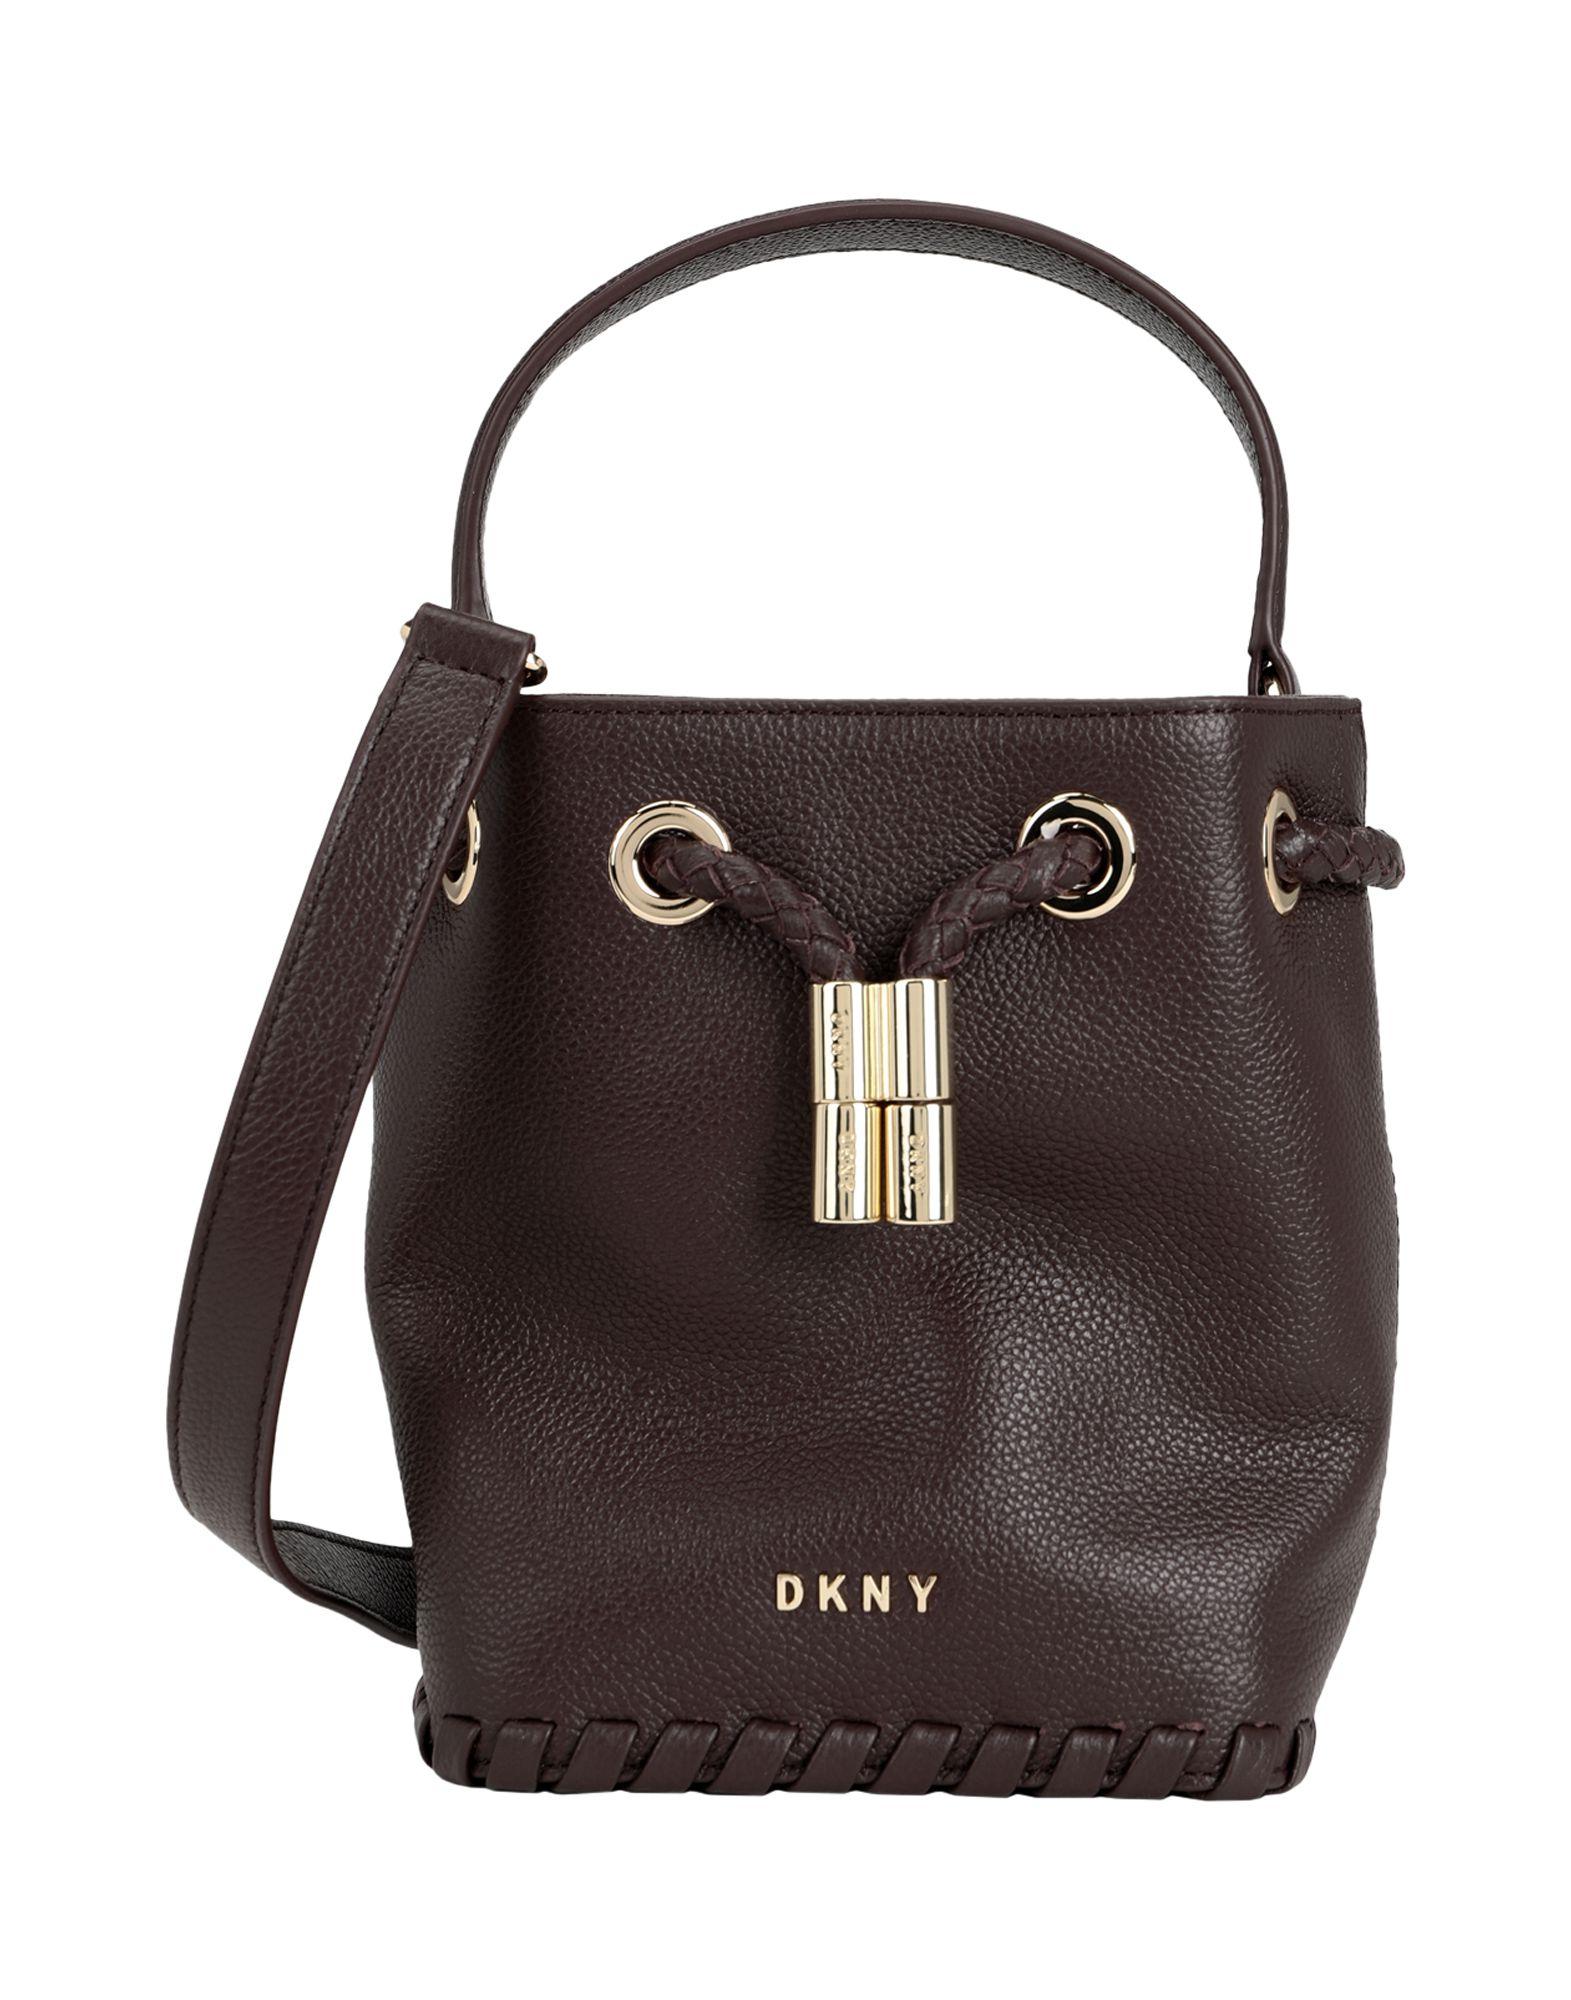 Фото - DKNY Сумка на руку сумка dkny r913h988 bgd